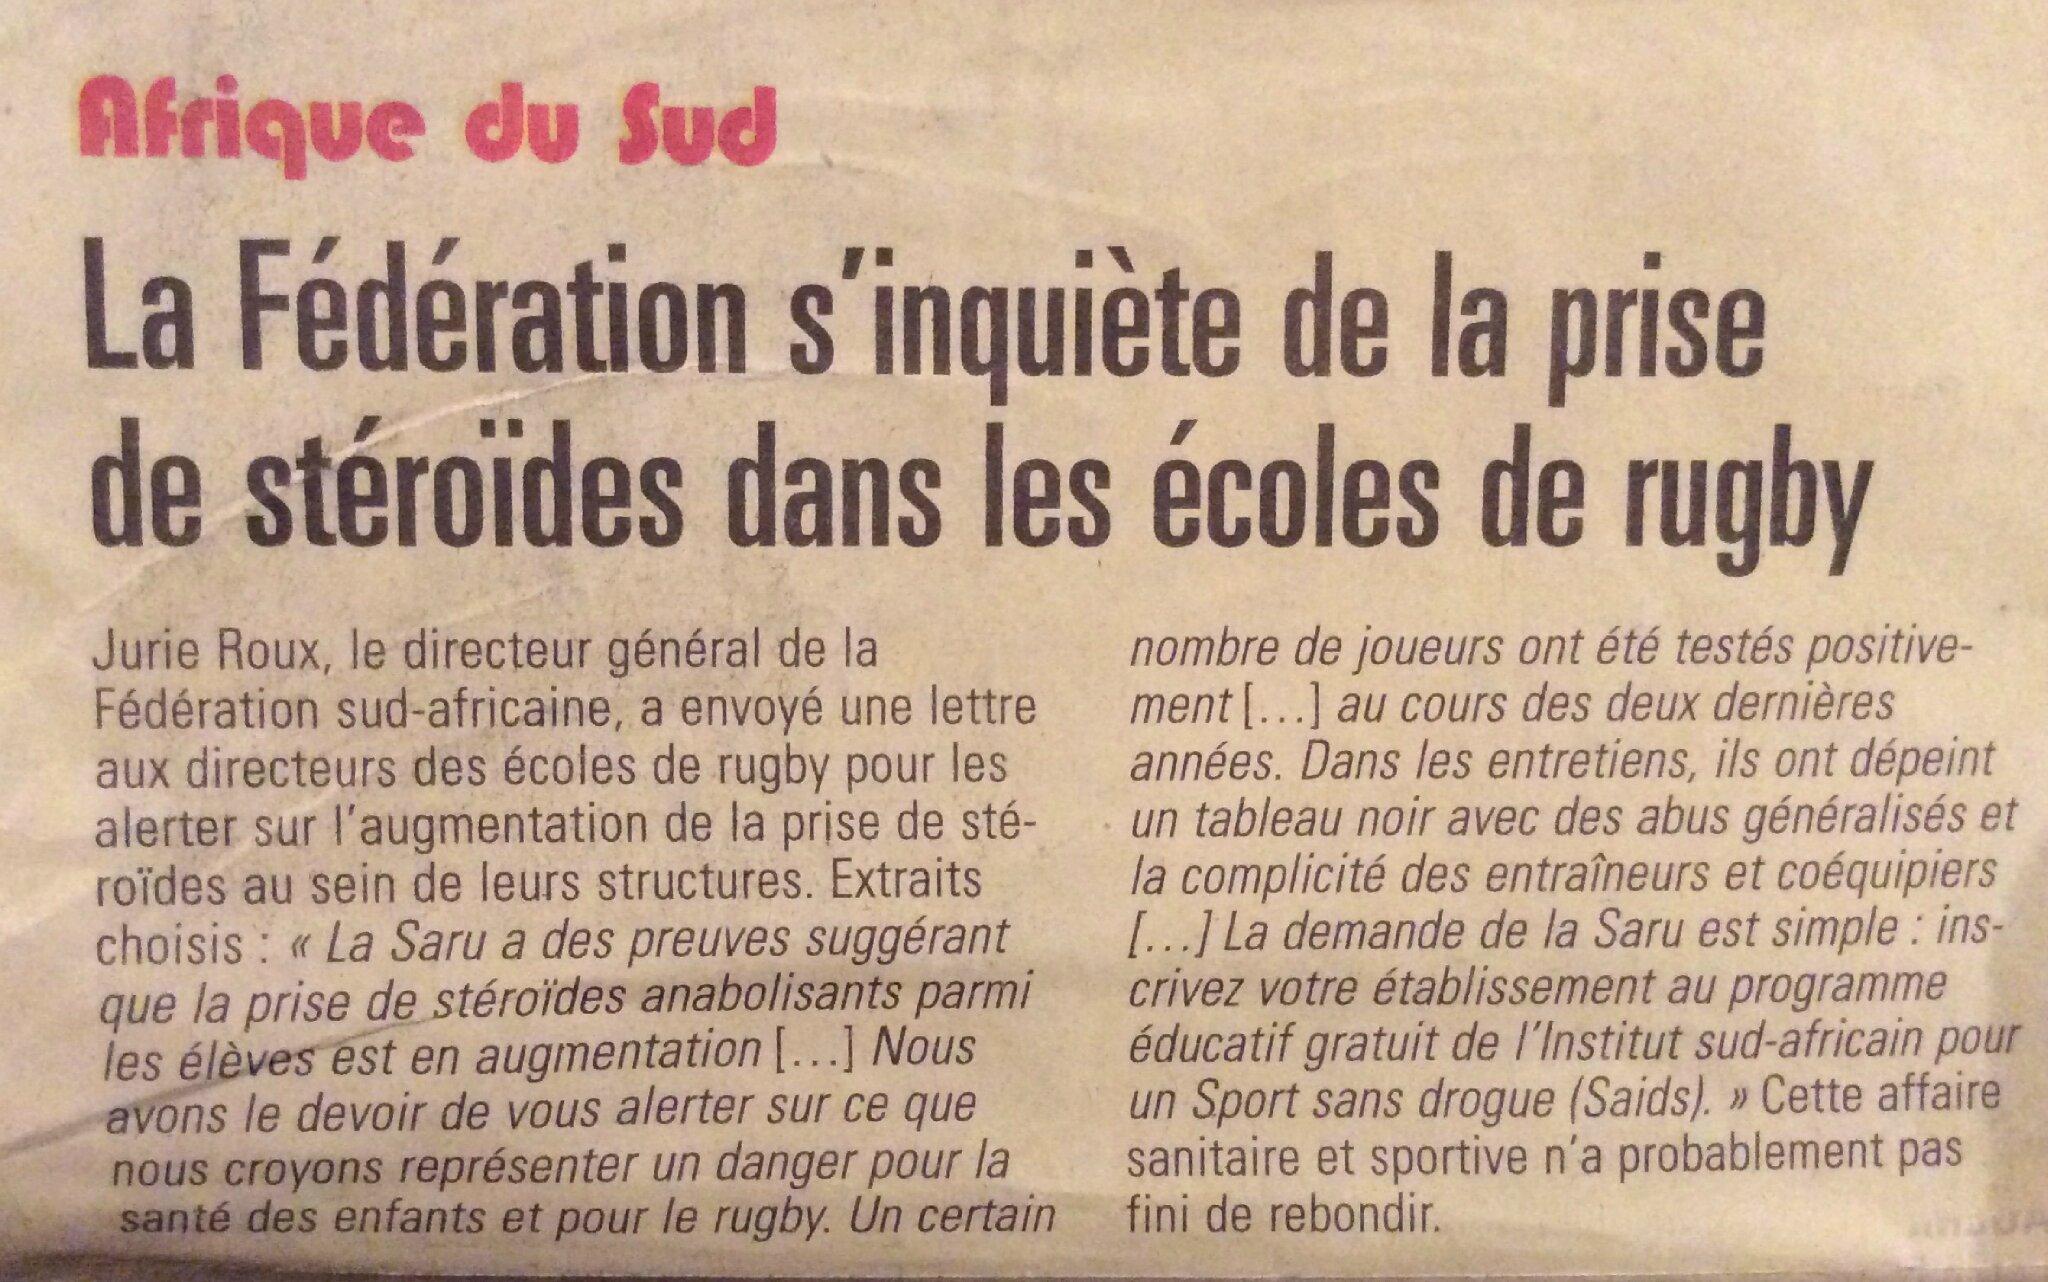 La Fédération s'inquiète de la prise de stéroïdes dans les écoles de rugby ...